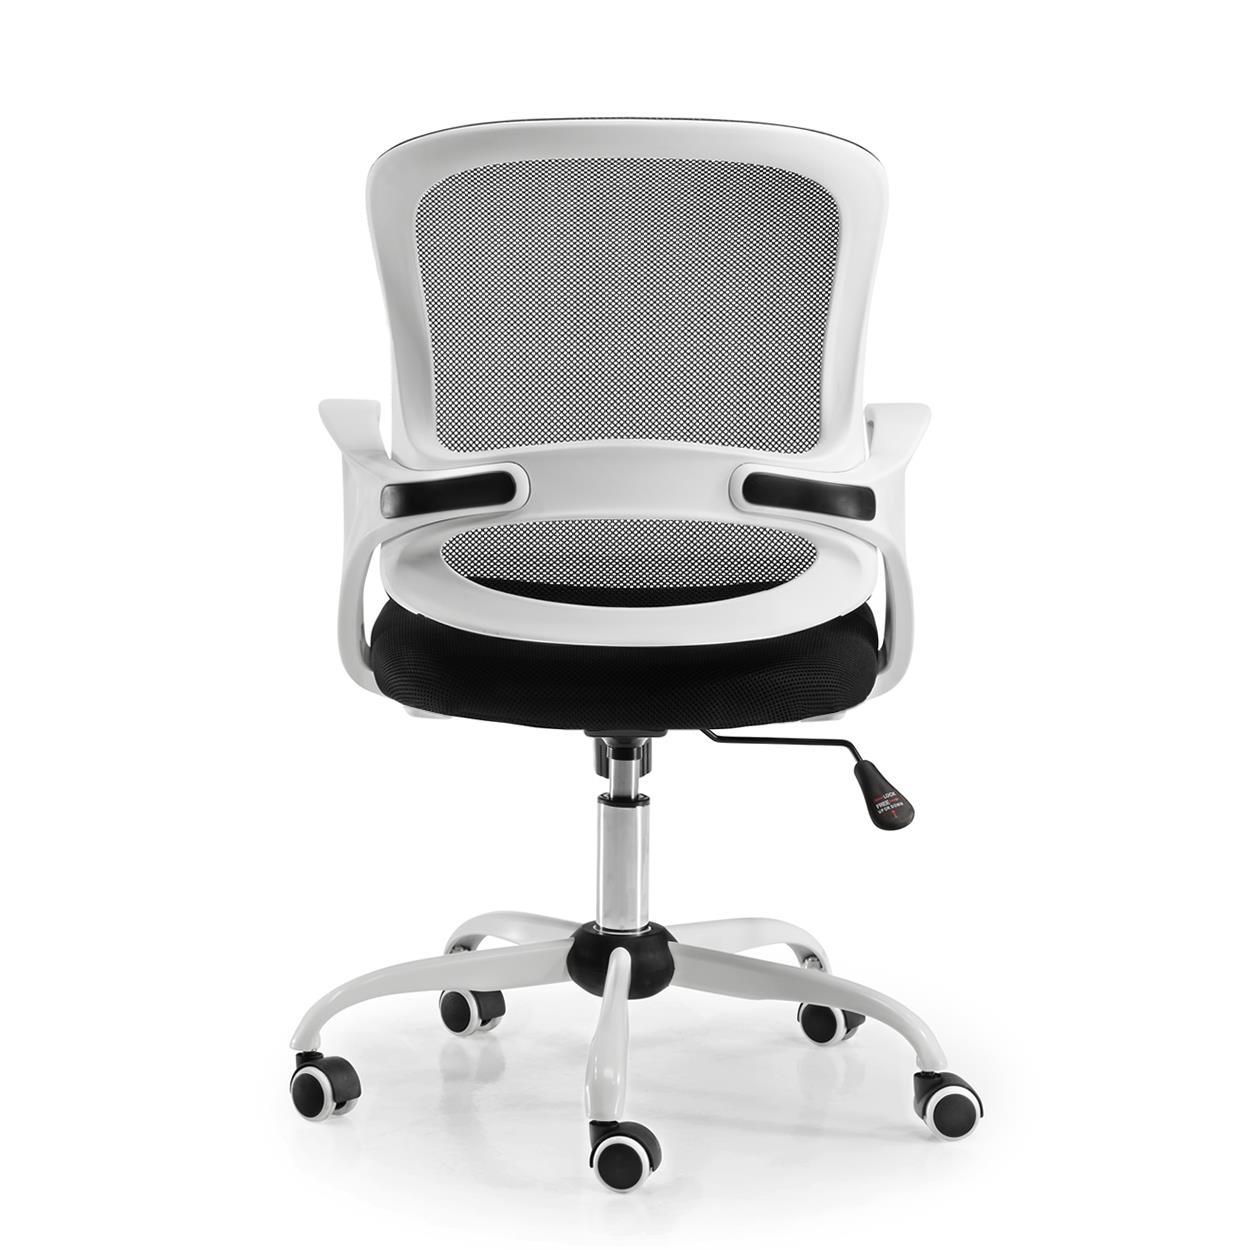 BlancDesign Bureau JacobStructure Chaise En De ModerneTissuNoir xodCBre